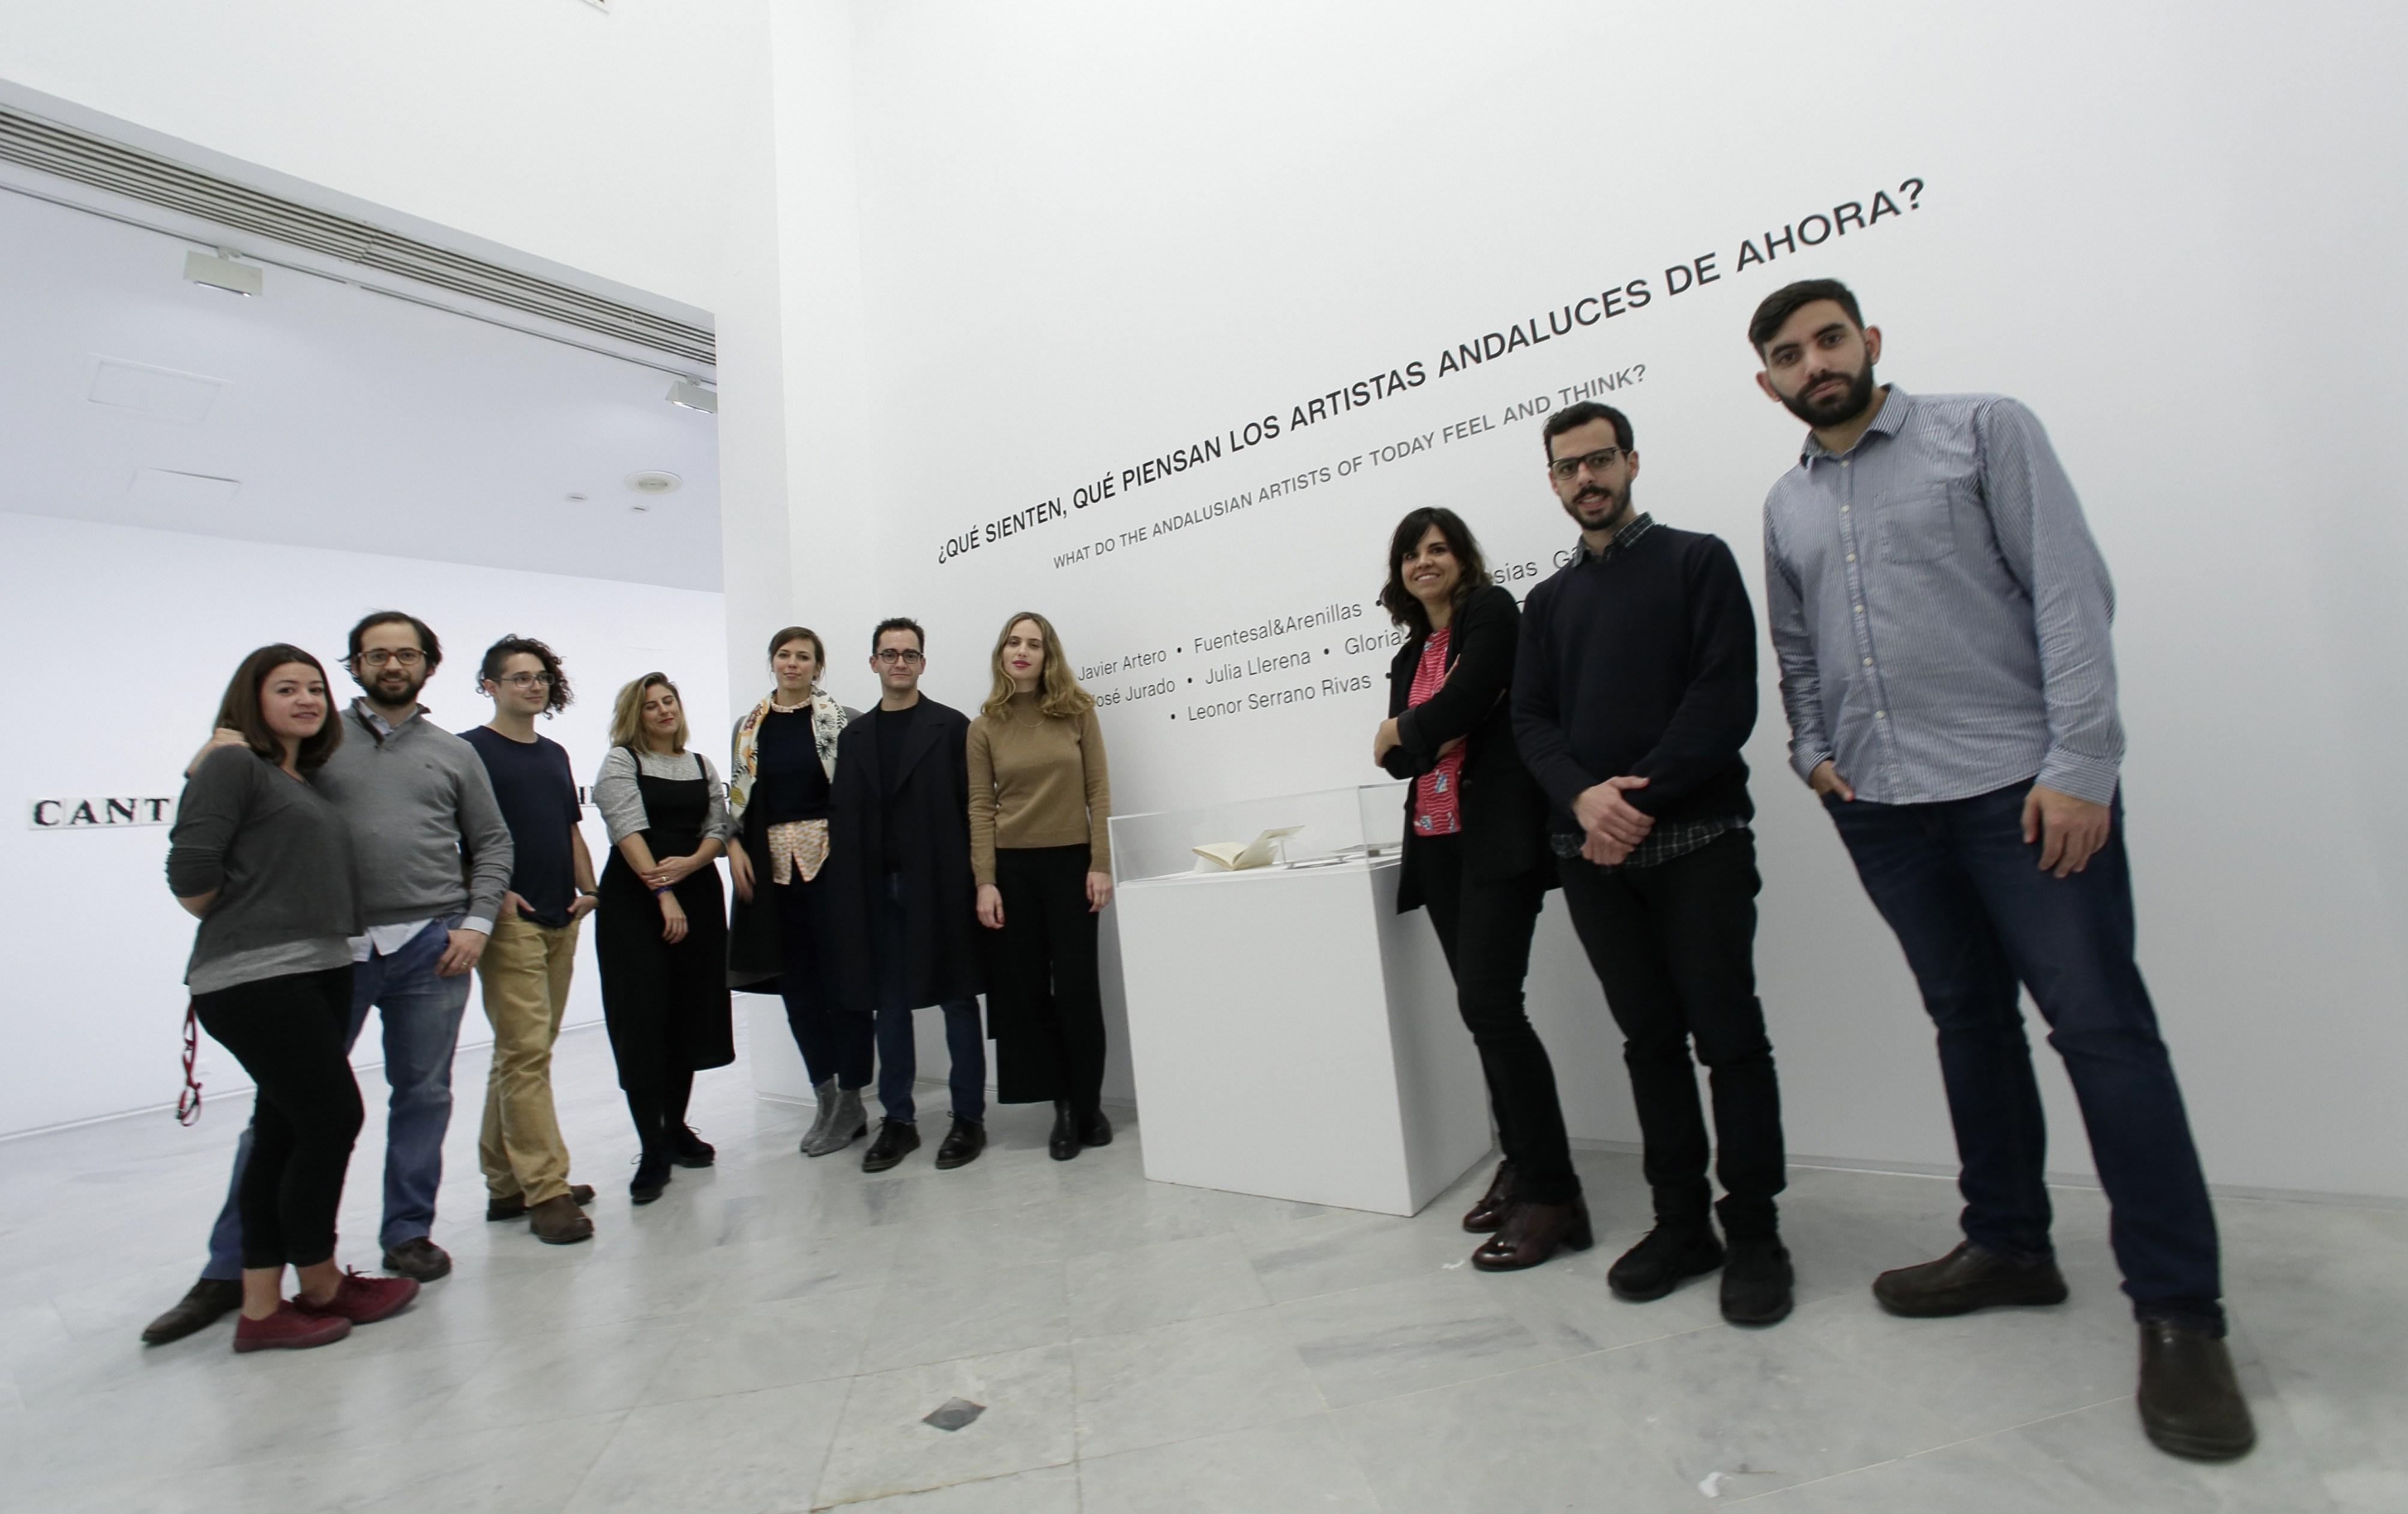 ¿Qué sienten los artistas andaluces?